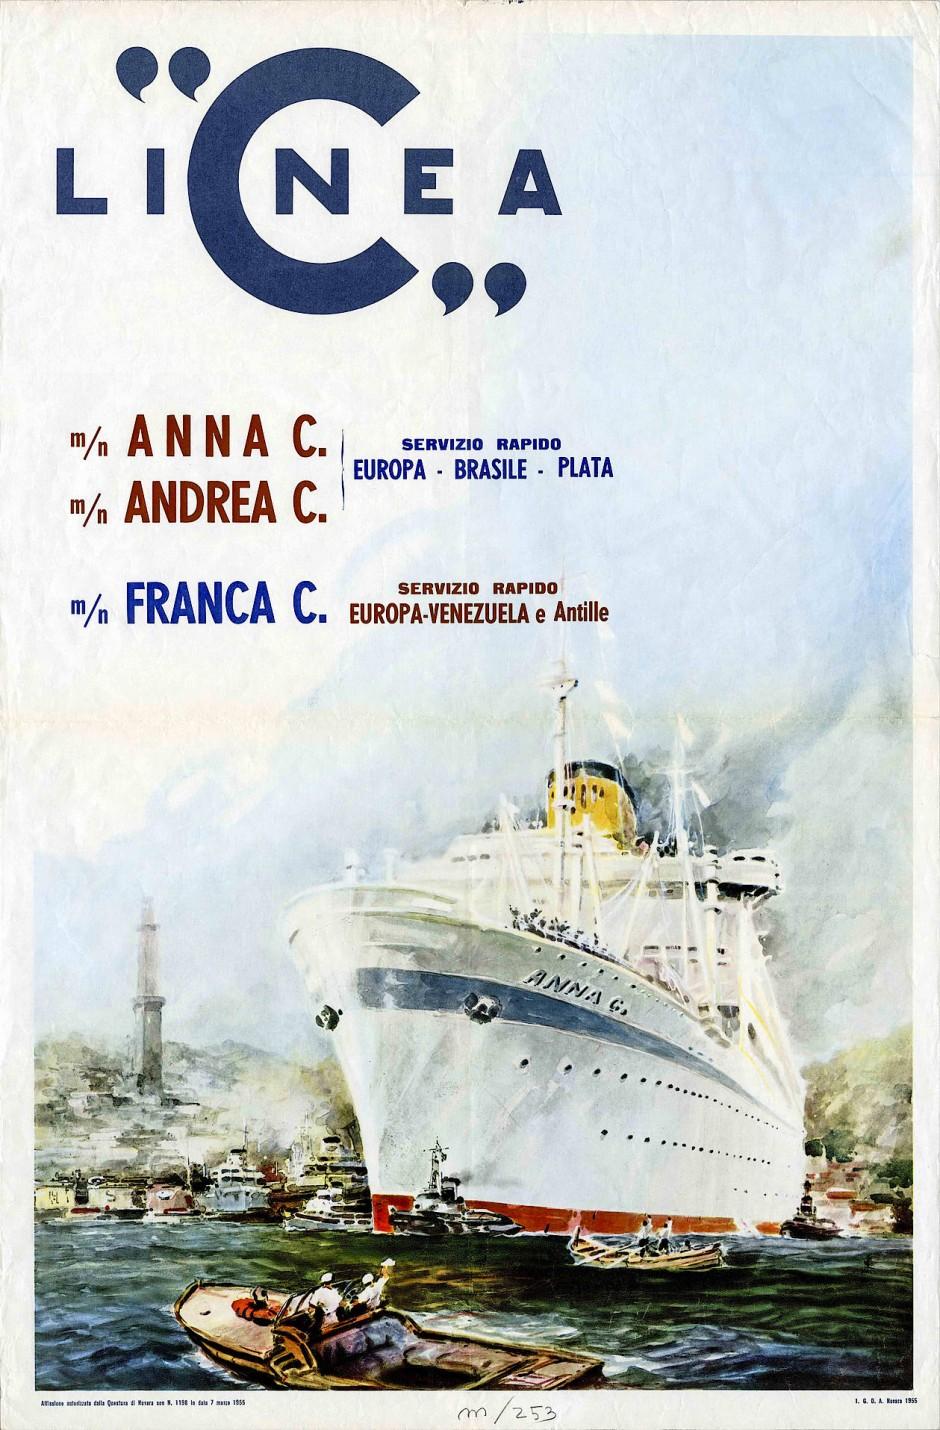 Am 31. März 1948 startete die Anna C, das erste Kreuzfahrtschiff der Reederei, ihre erste Reise von Genua nach Südamerika: Katalogtitel aus den frühen Jahren.